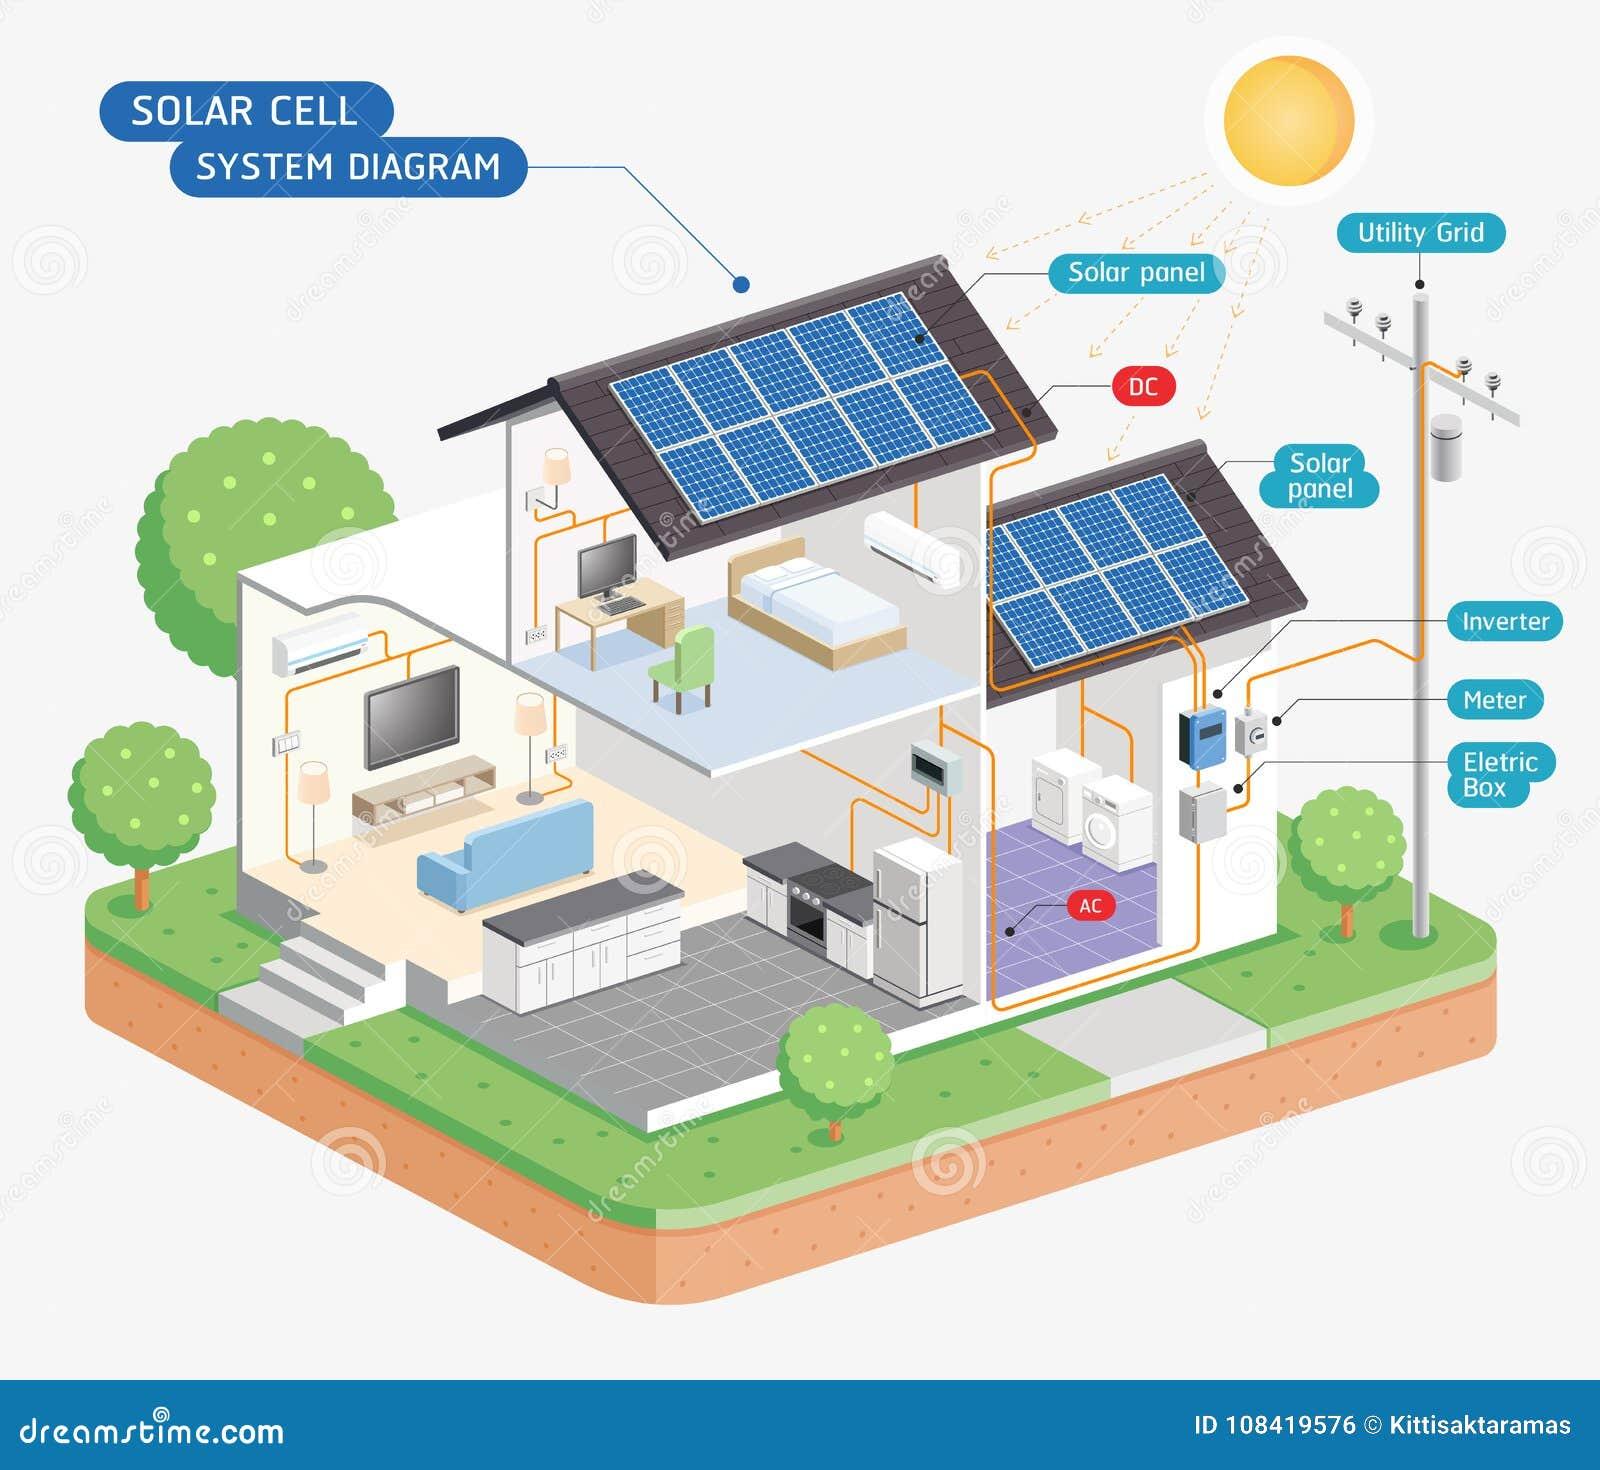 Solar cell system diagram. Vector.